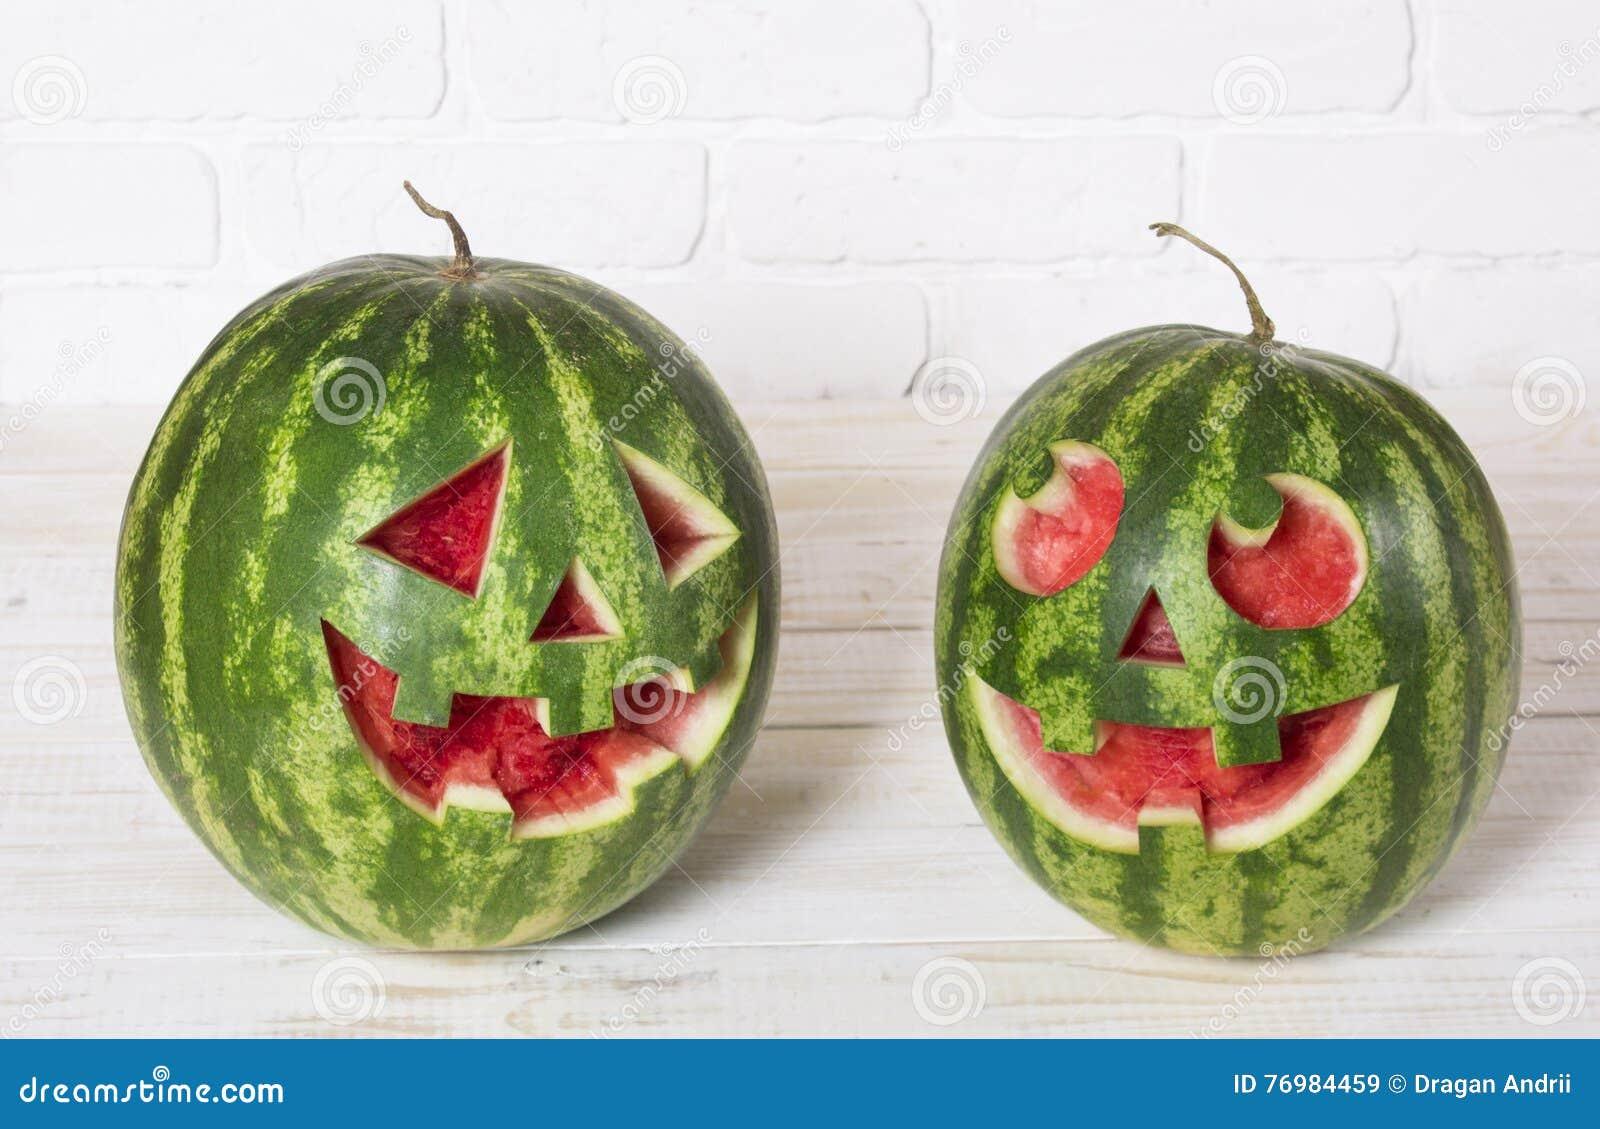 Asombroso Diseños De Halloween Del Arte Del Uña Viñeta - Ideas Para ...